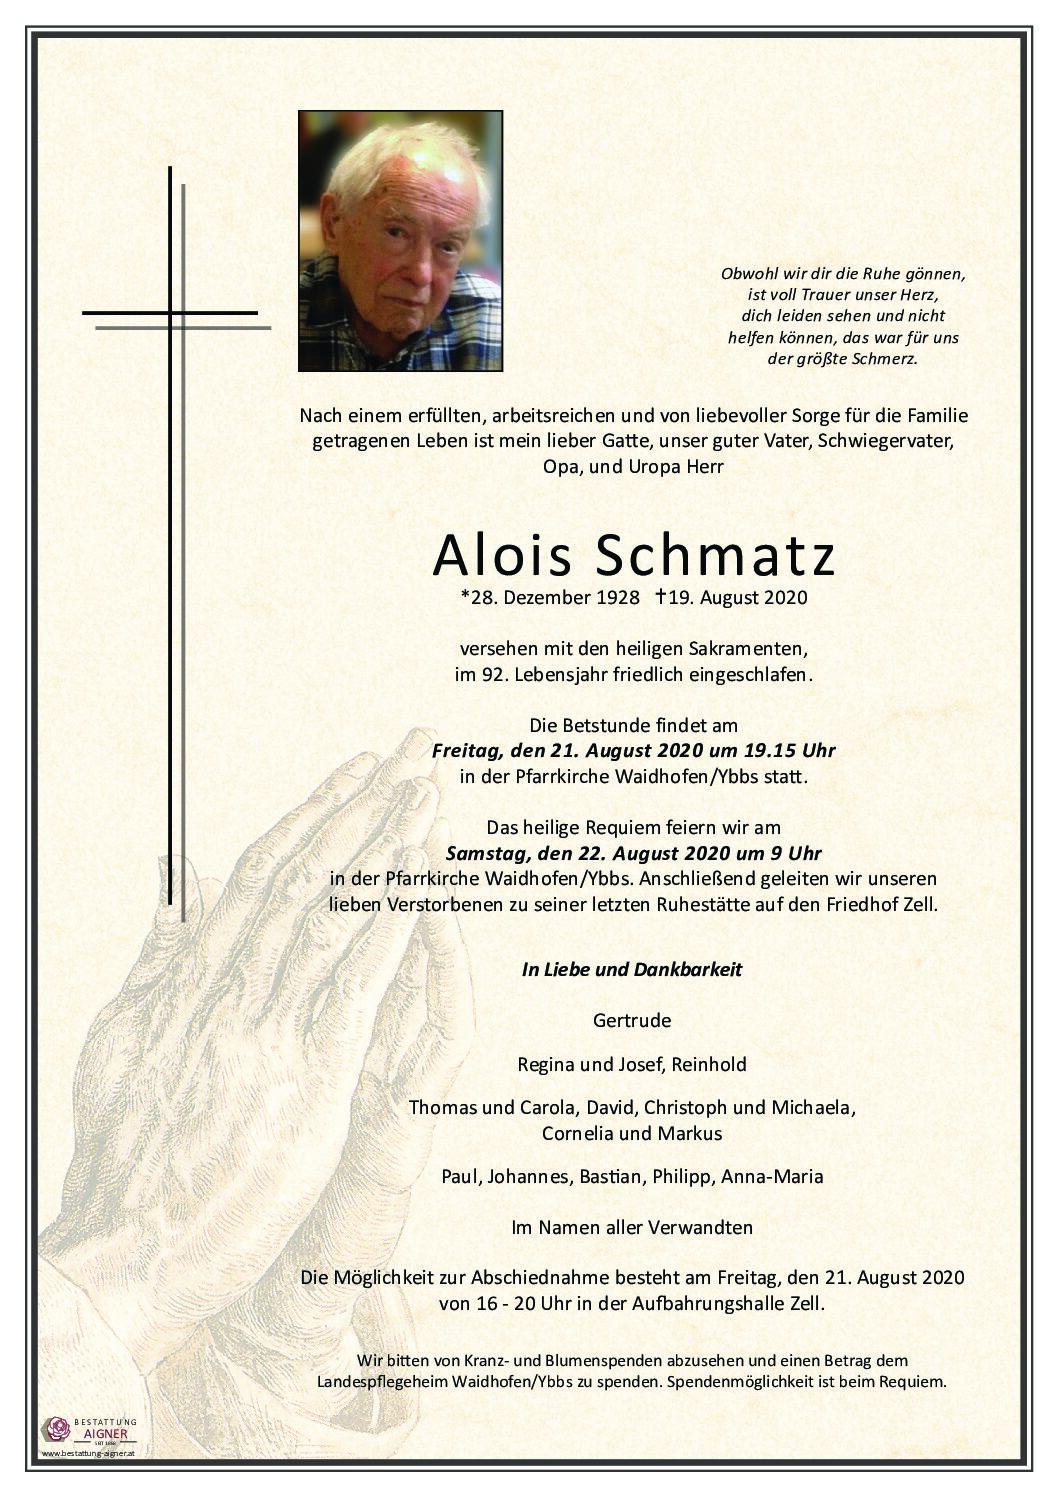 Alois Schmatz